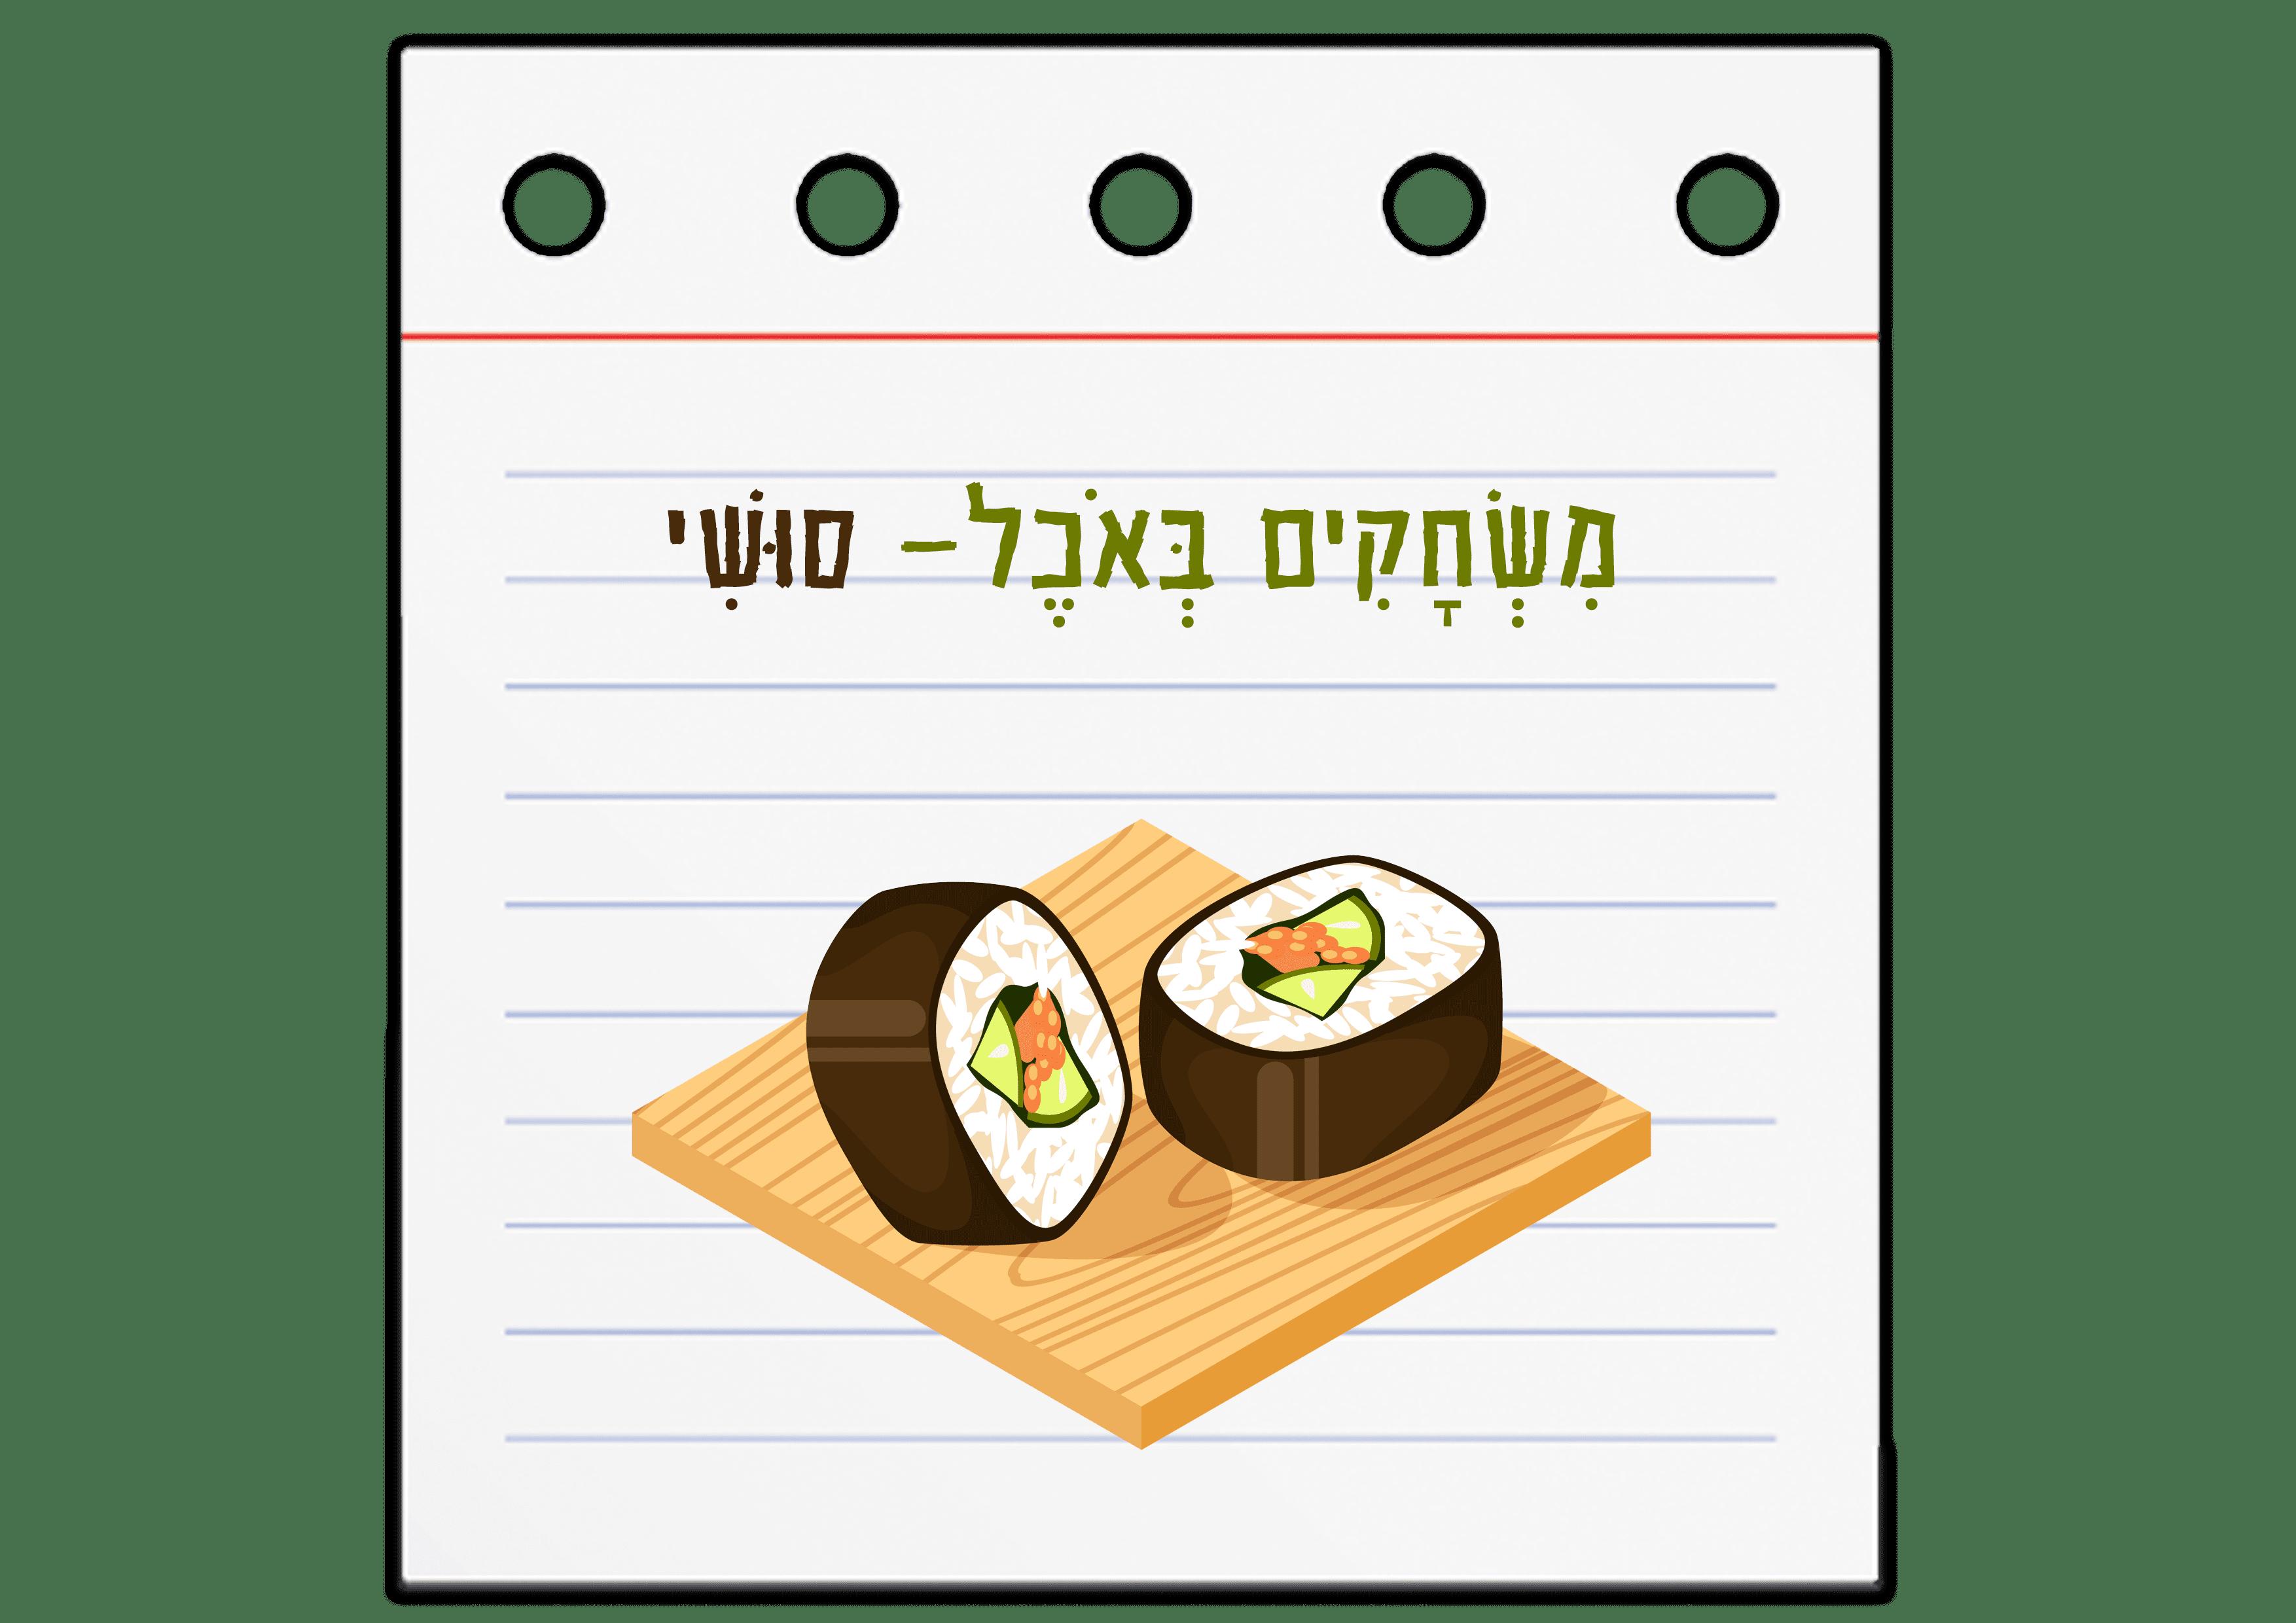 משחקים באוכל- יום הסושי הבינלאומי